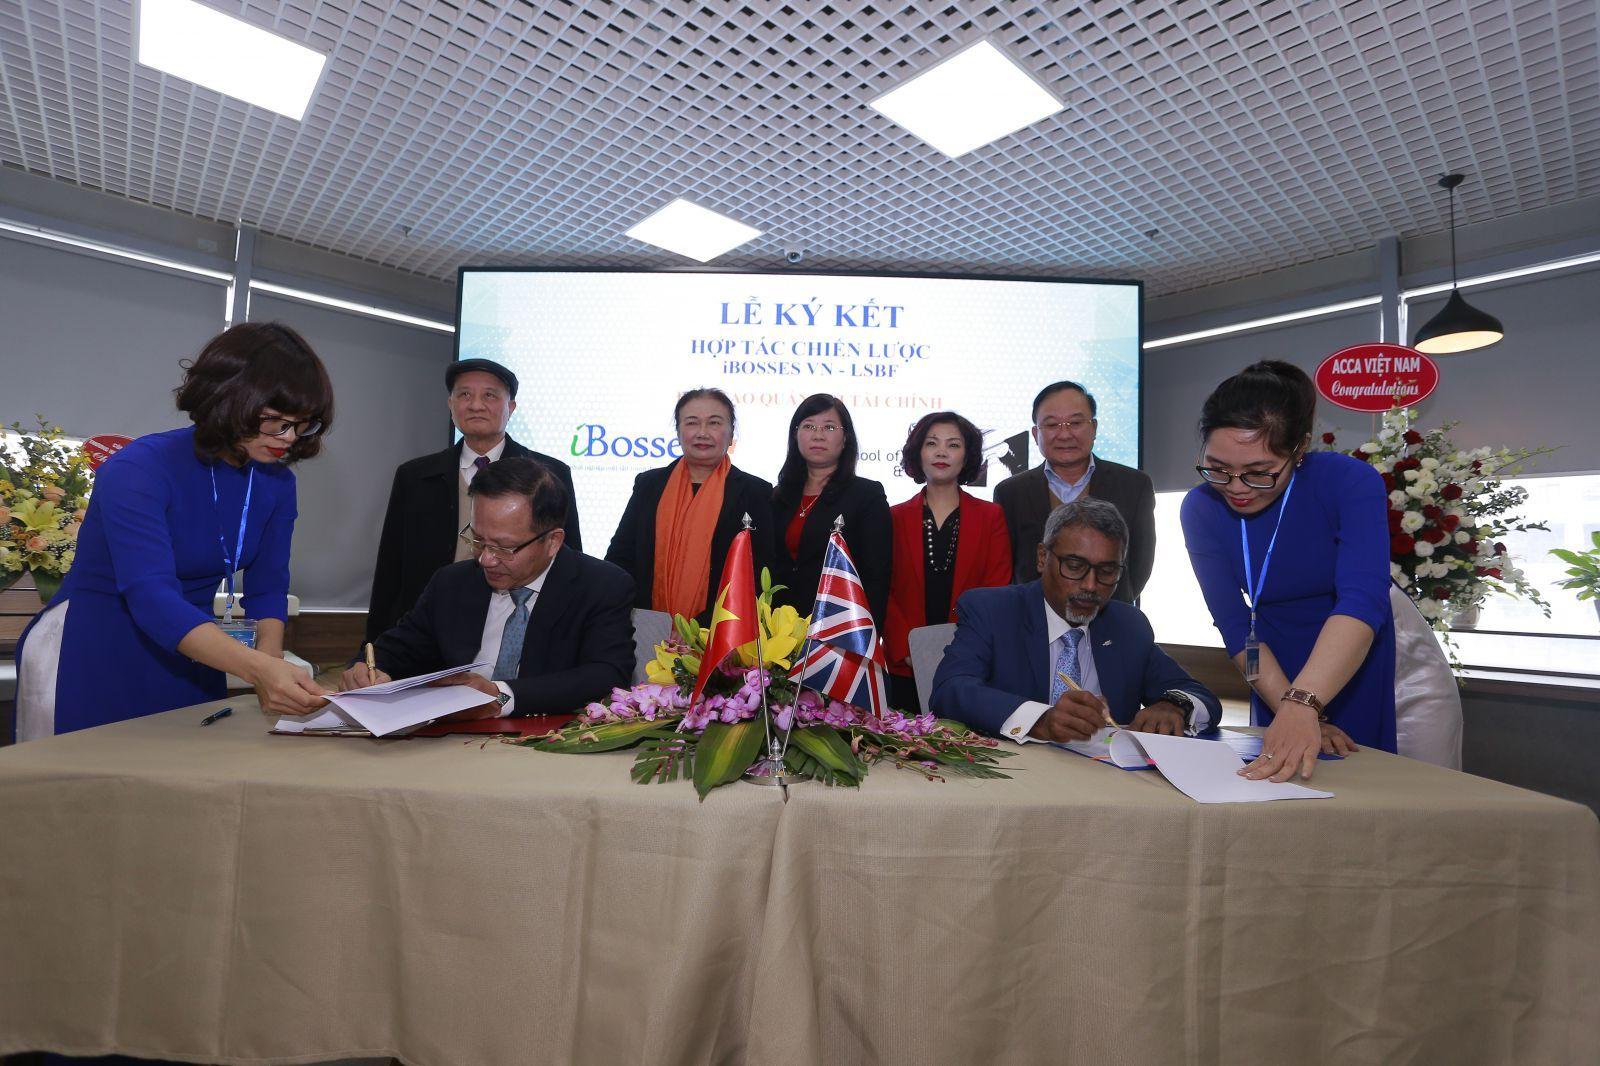 Lễ ký kết Hợp tác chiến lược về đào tạo tài chính quản trị theo tiêu chuẩn quốc tế giữa công tyiBosses Việt Nam và LSBF